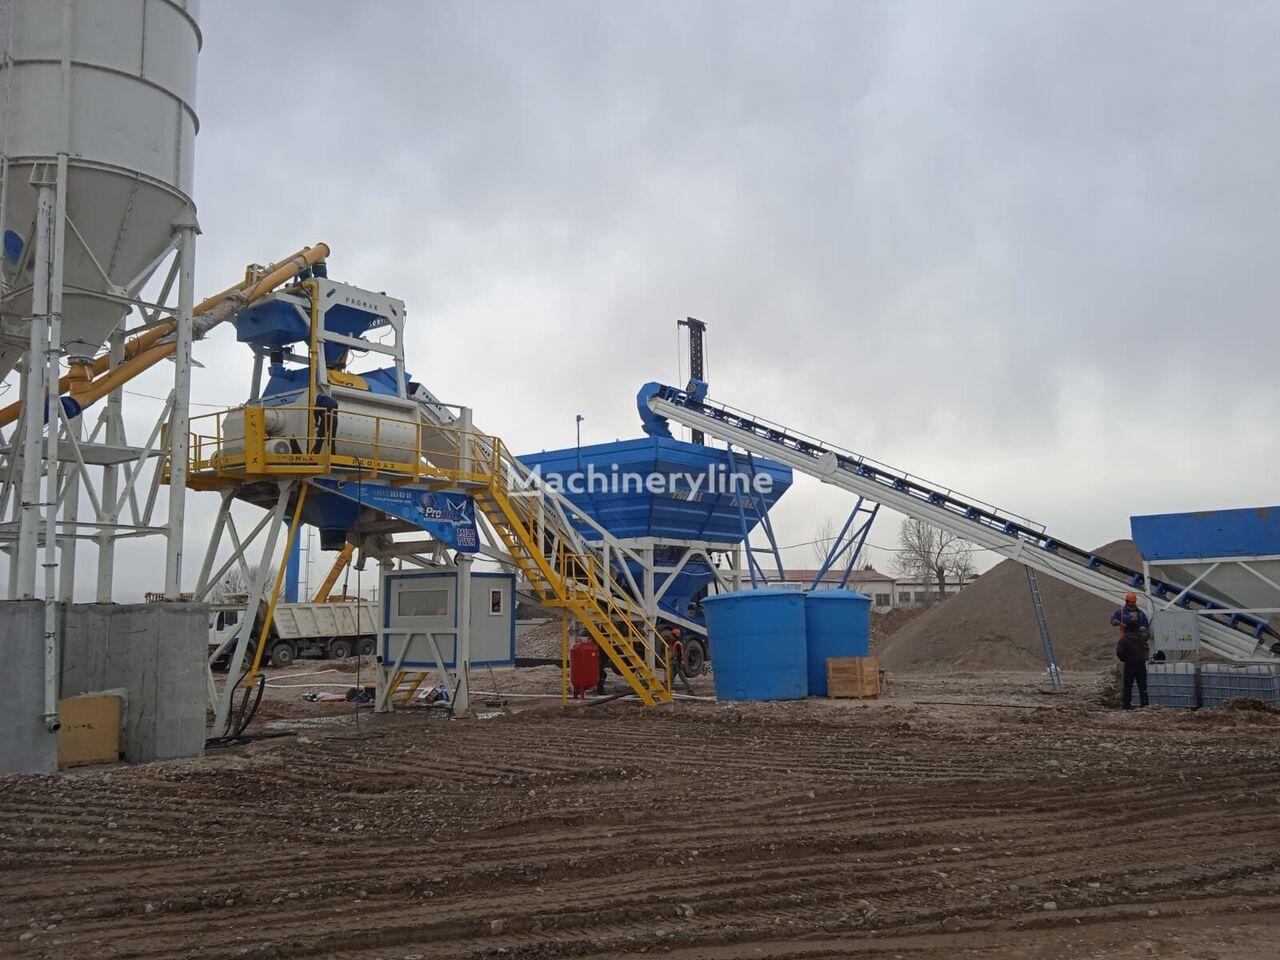 pabrik beton PROMAX Mobile Concrete Batching Plant PROMAX M120-TWN (120m/h) baru